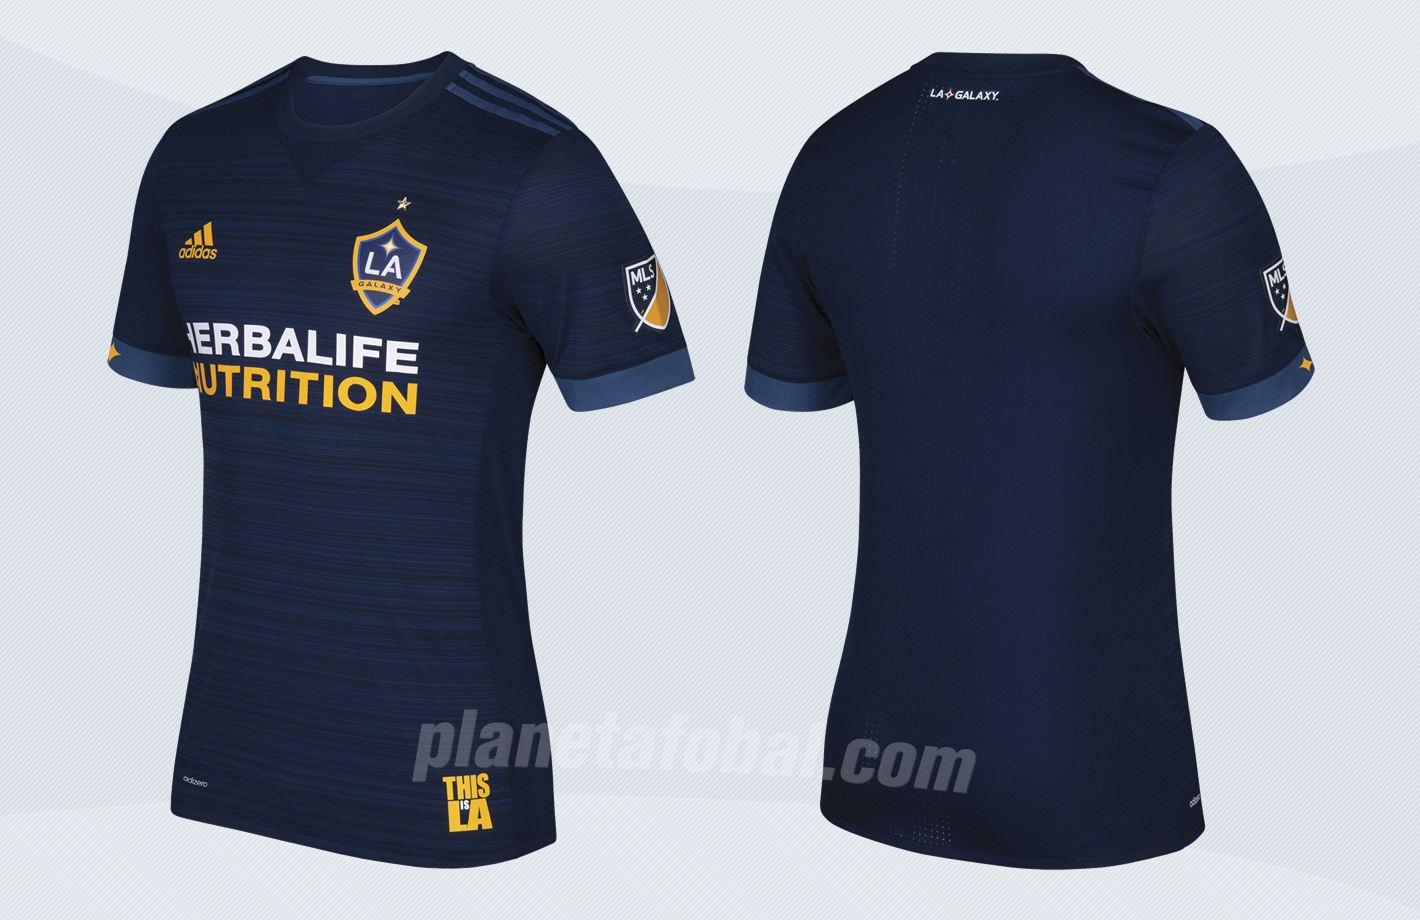 Camiseta suplente de Los Ángeles Galaxy para 2017 | Imágenes Tienda Oficial